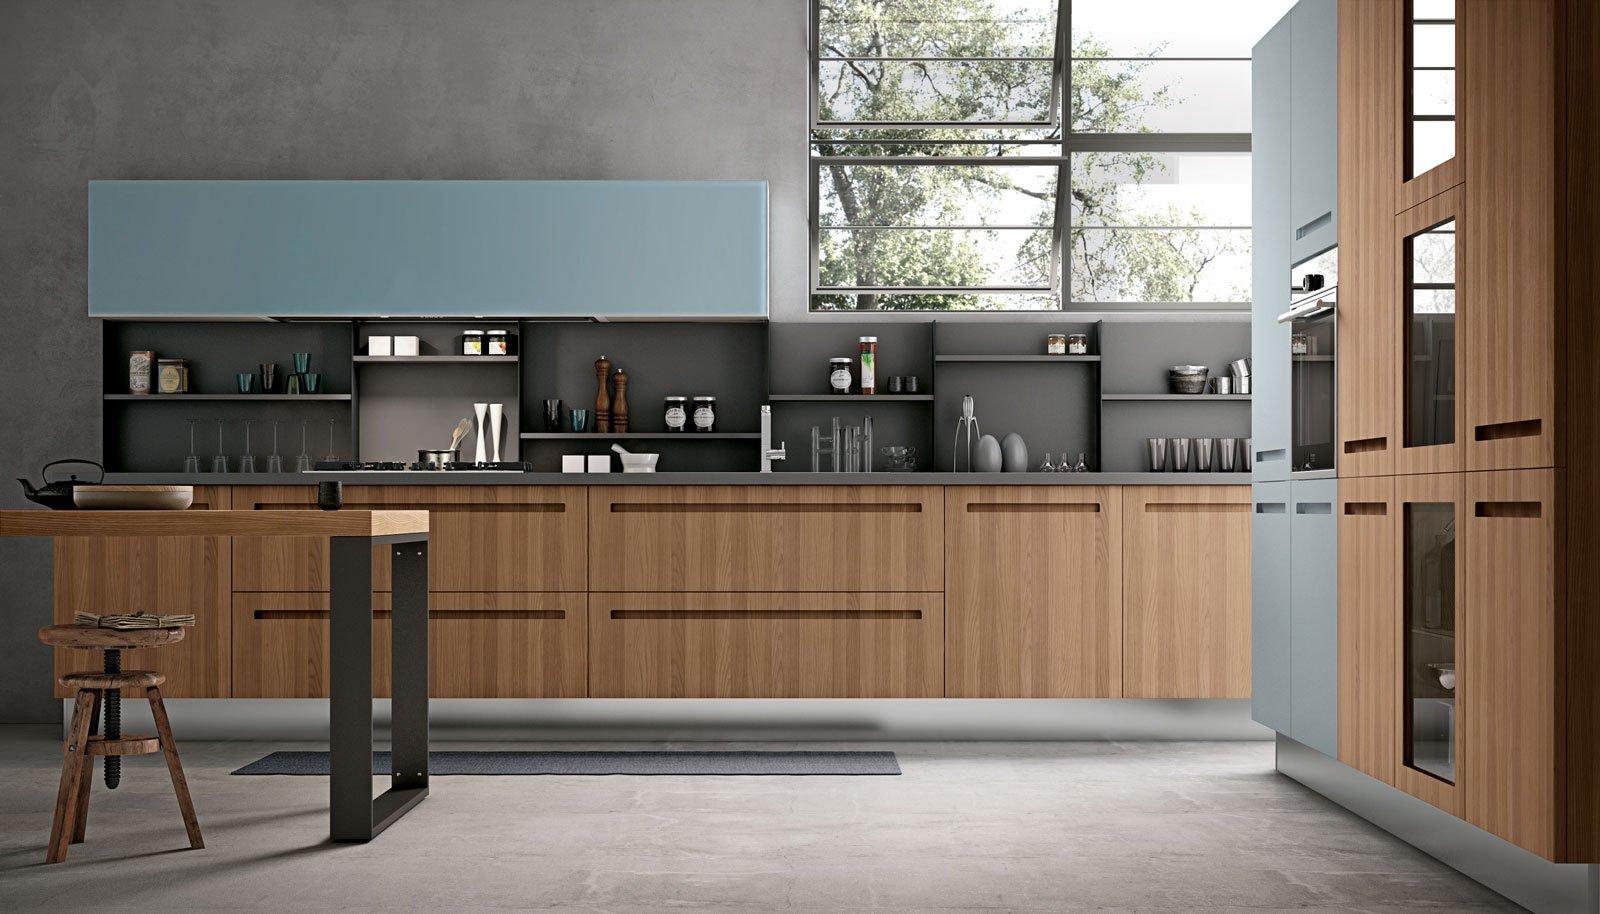 Vernici atossiche per i mobili della cucina cose di casa - Mobili della cucina ...